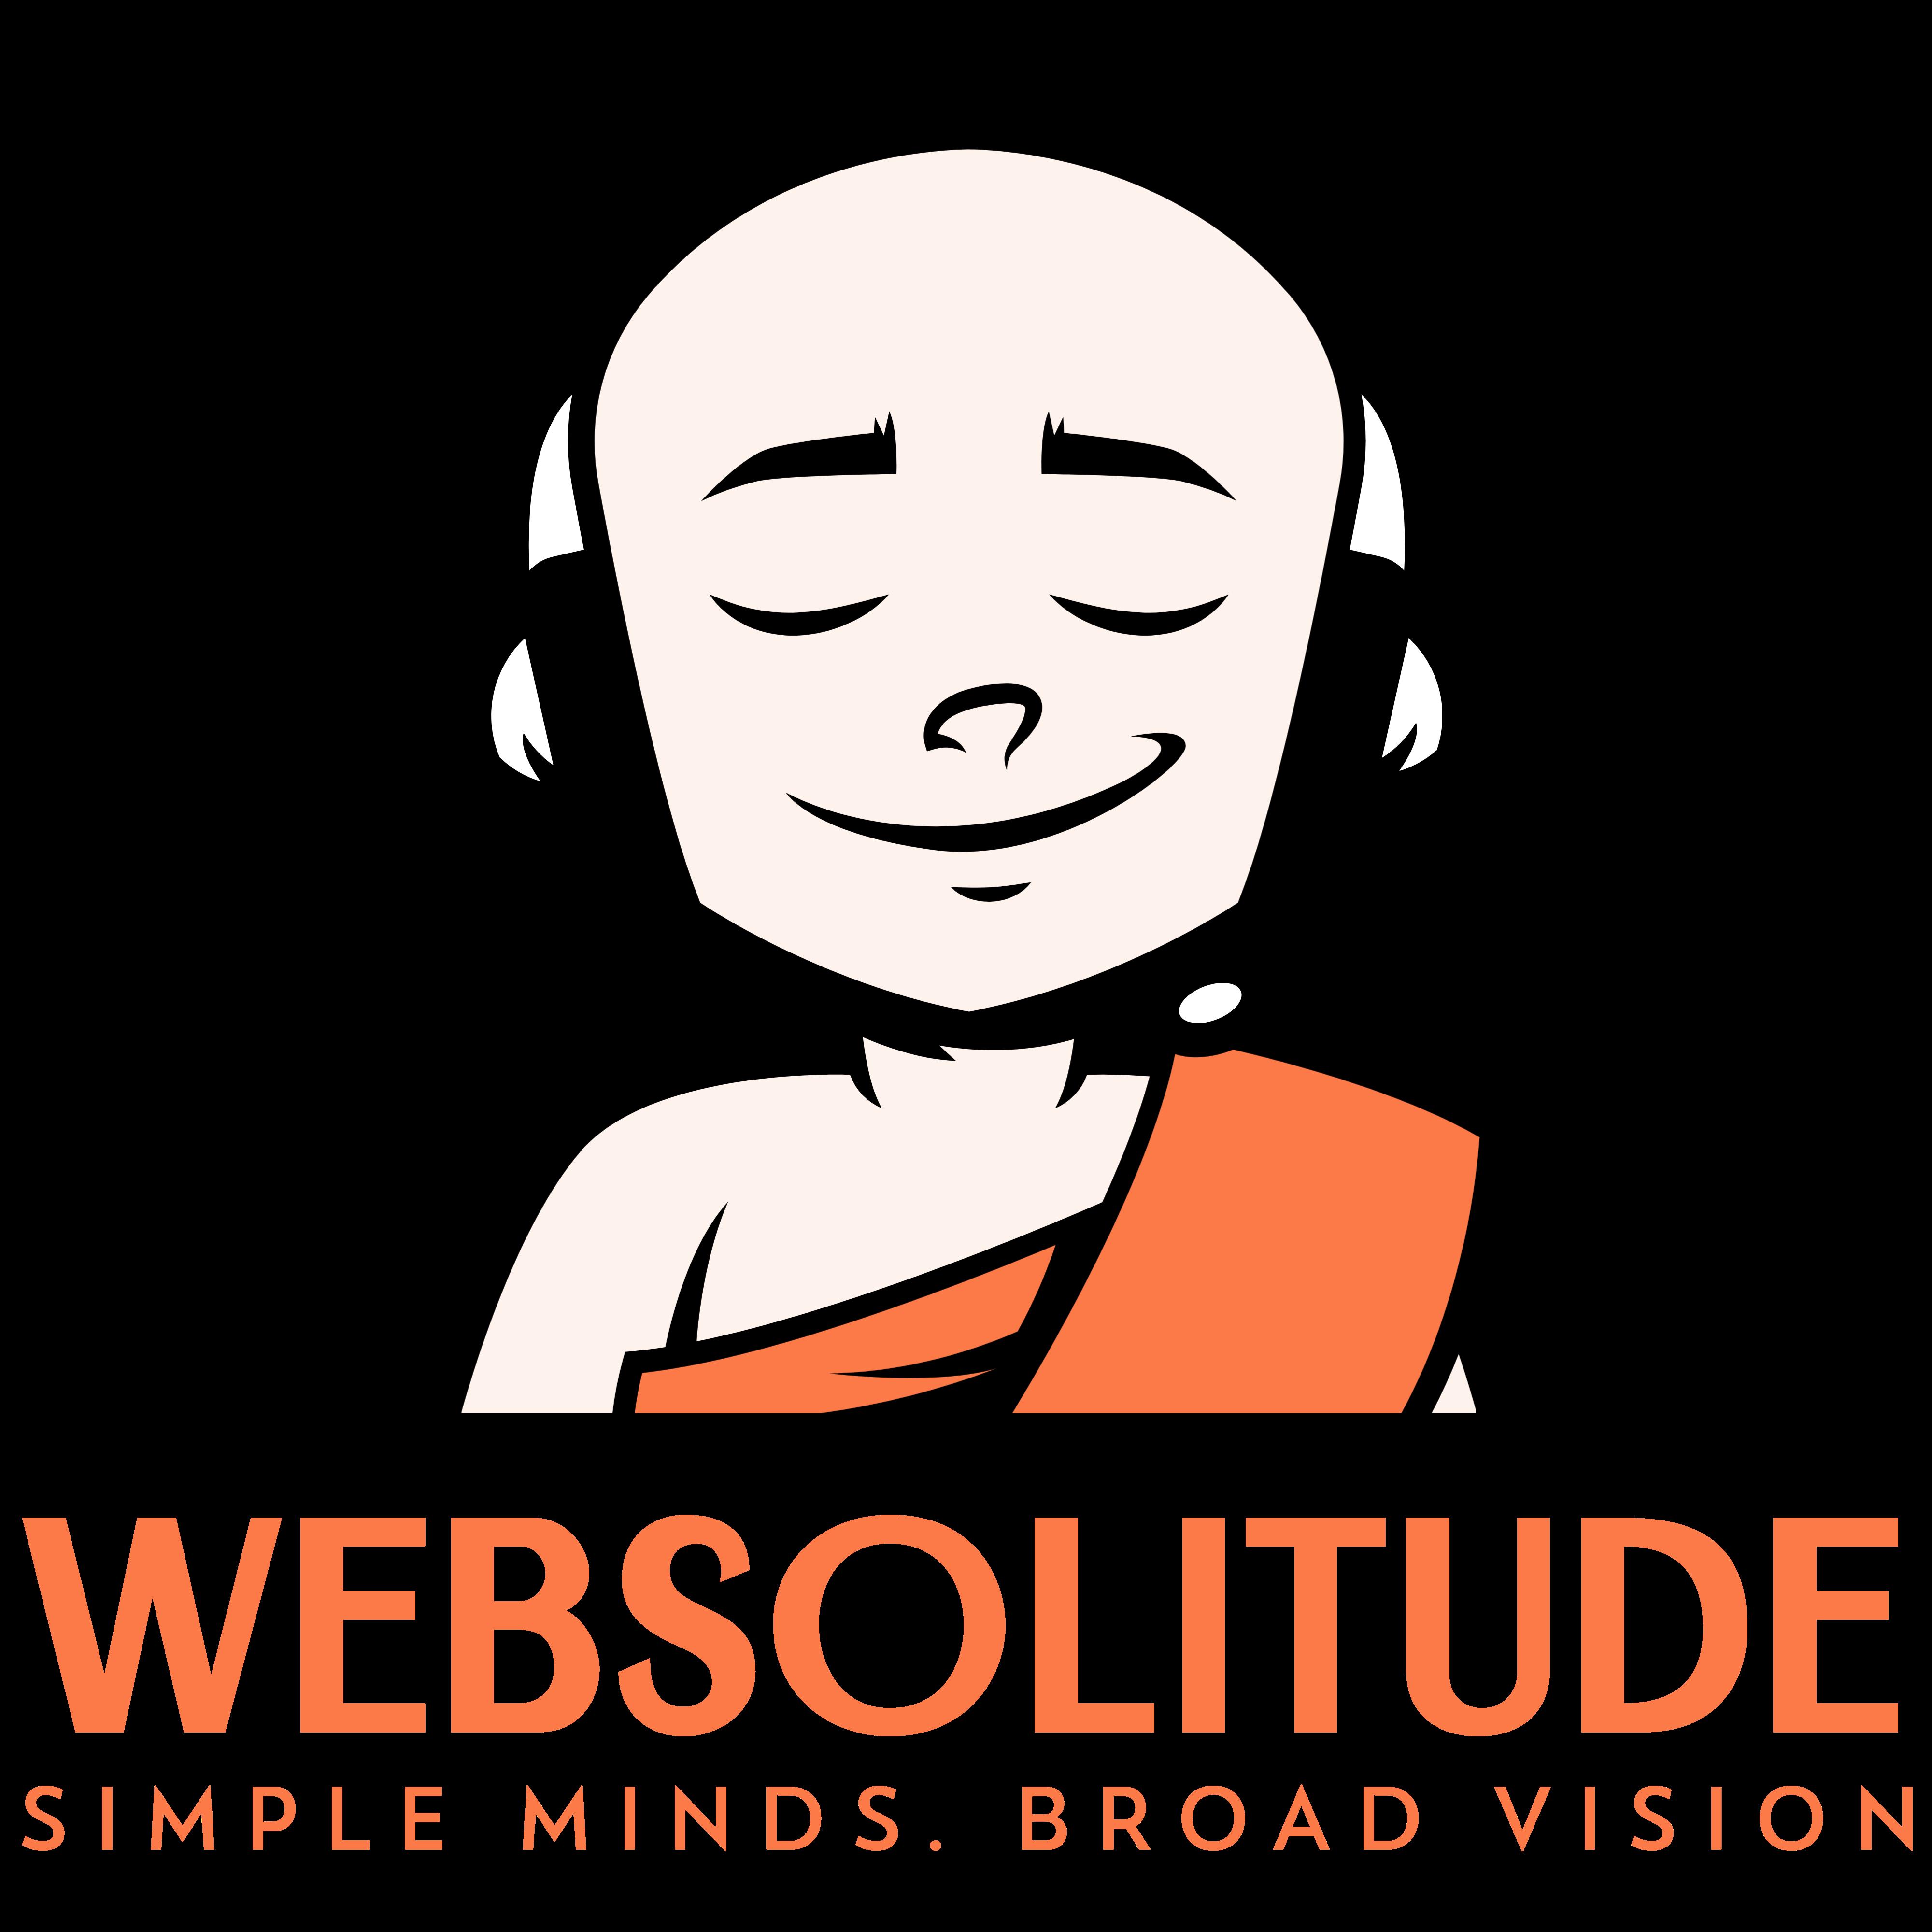 WebSolitude Consultancy Services